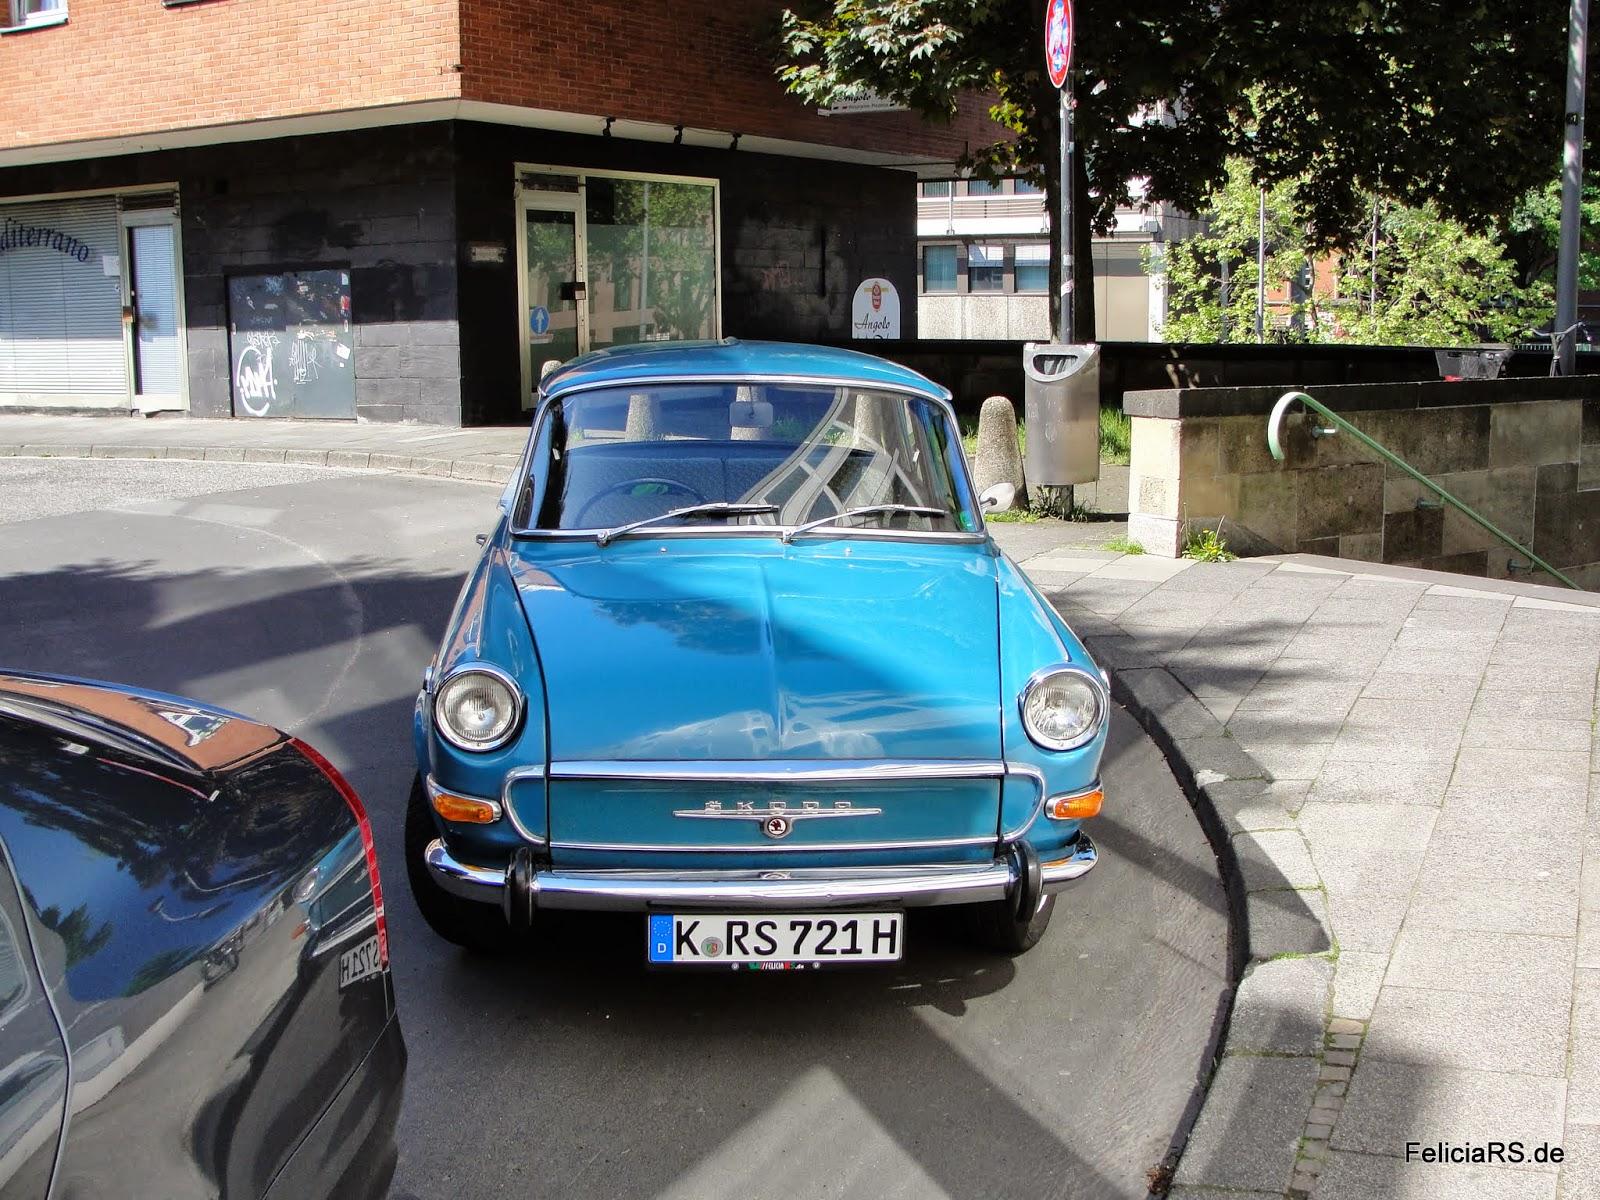 Das älteste Auto mit der geringsten Laufleistung.